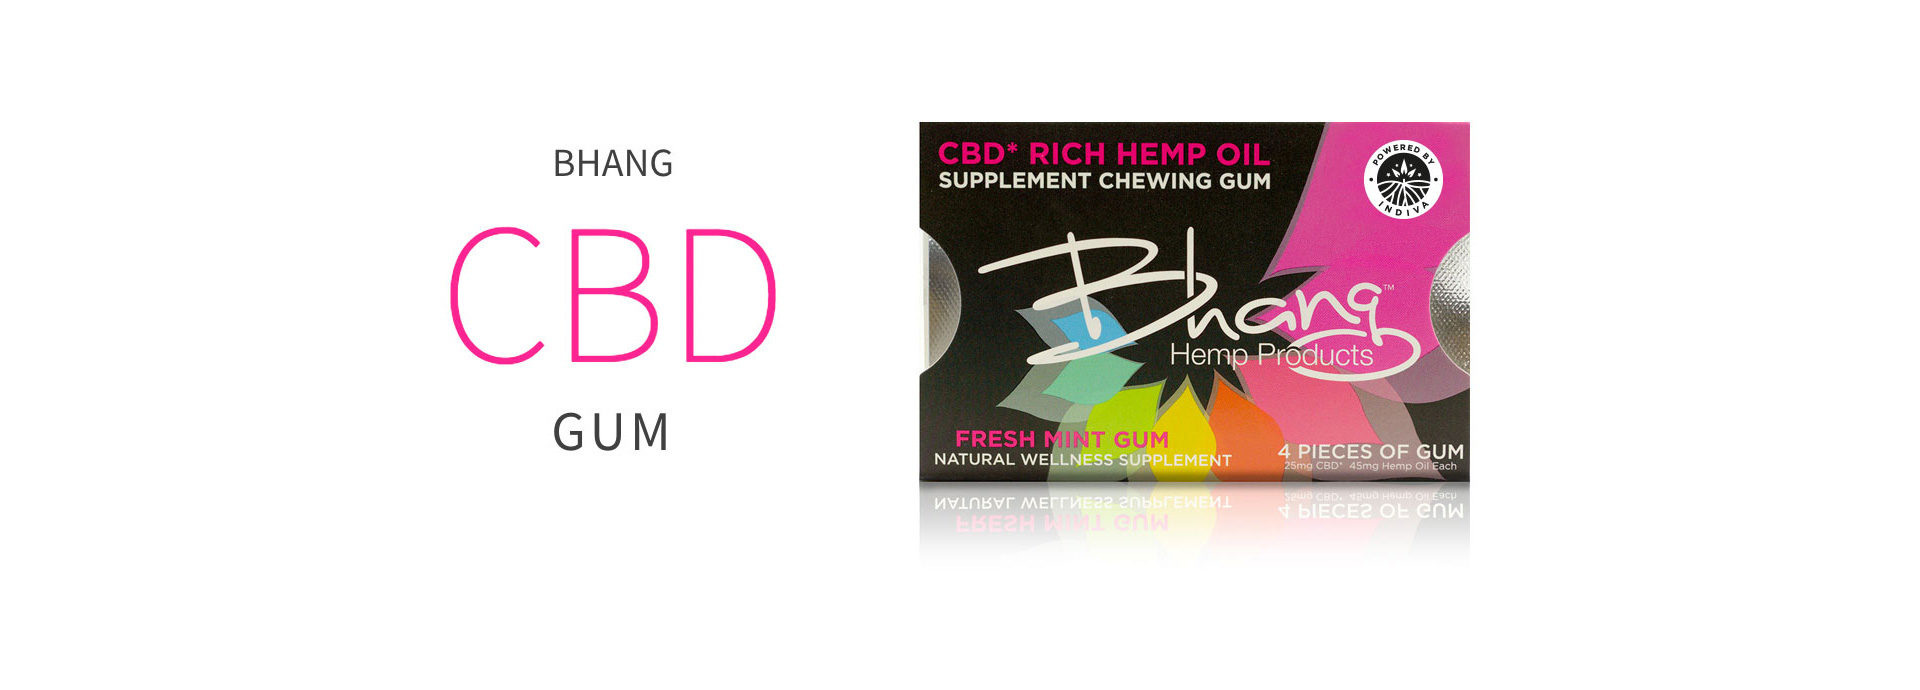 Bhang CBD Gum Candy